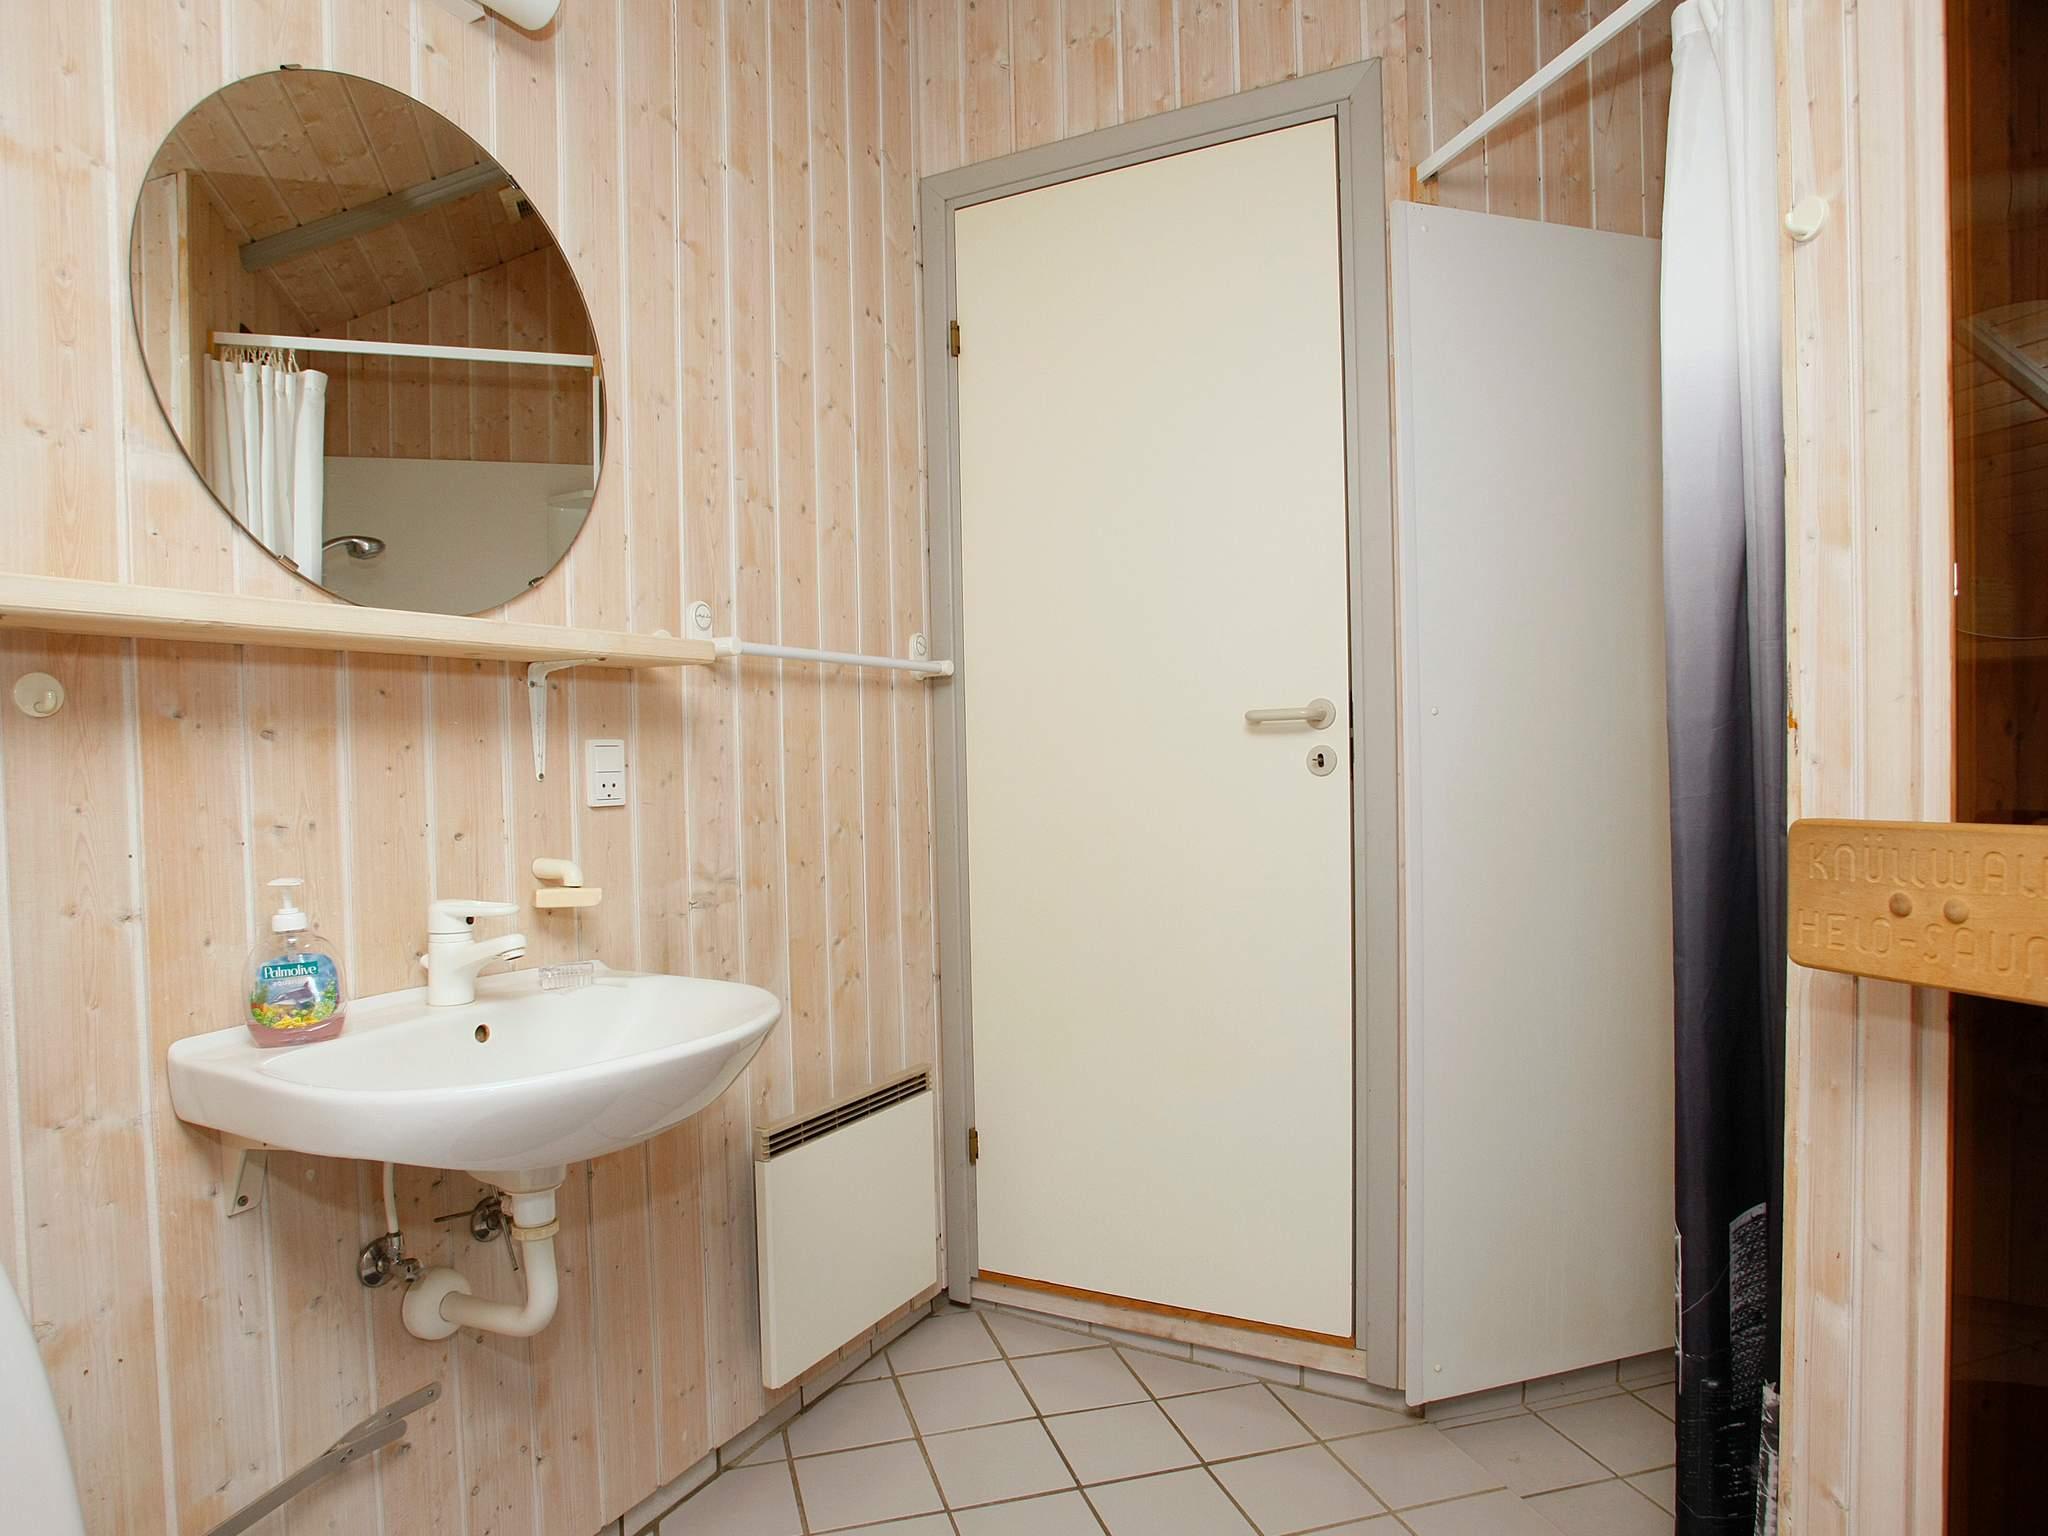 Ferienhaus Louns (82210), Farsø, , Limfjord, Dänemark, Bild 10